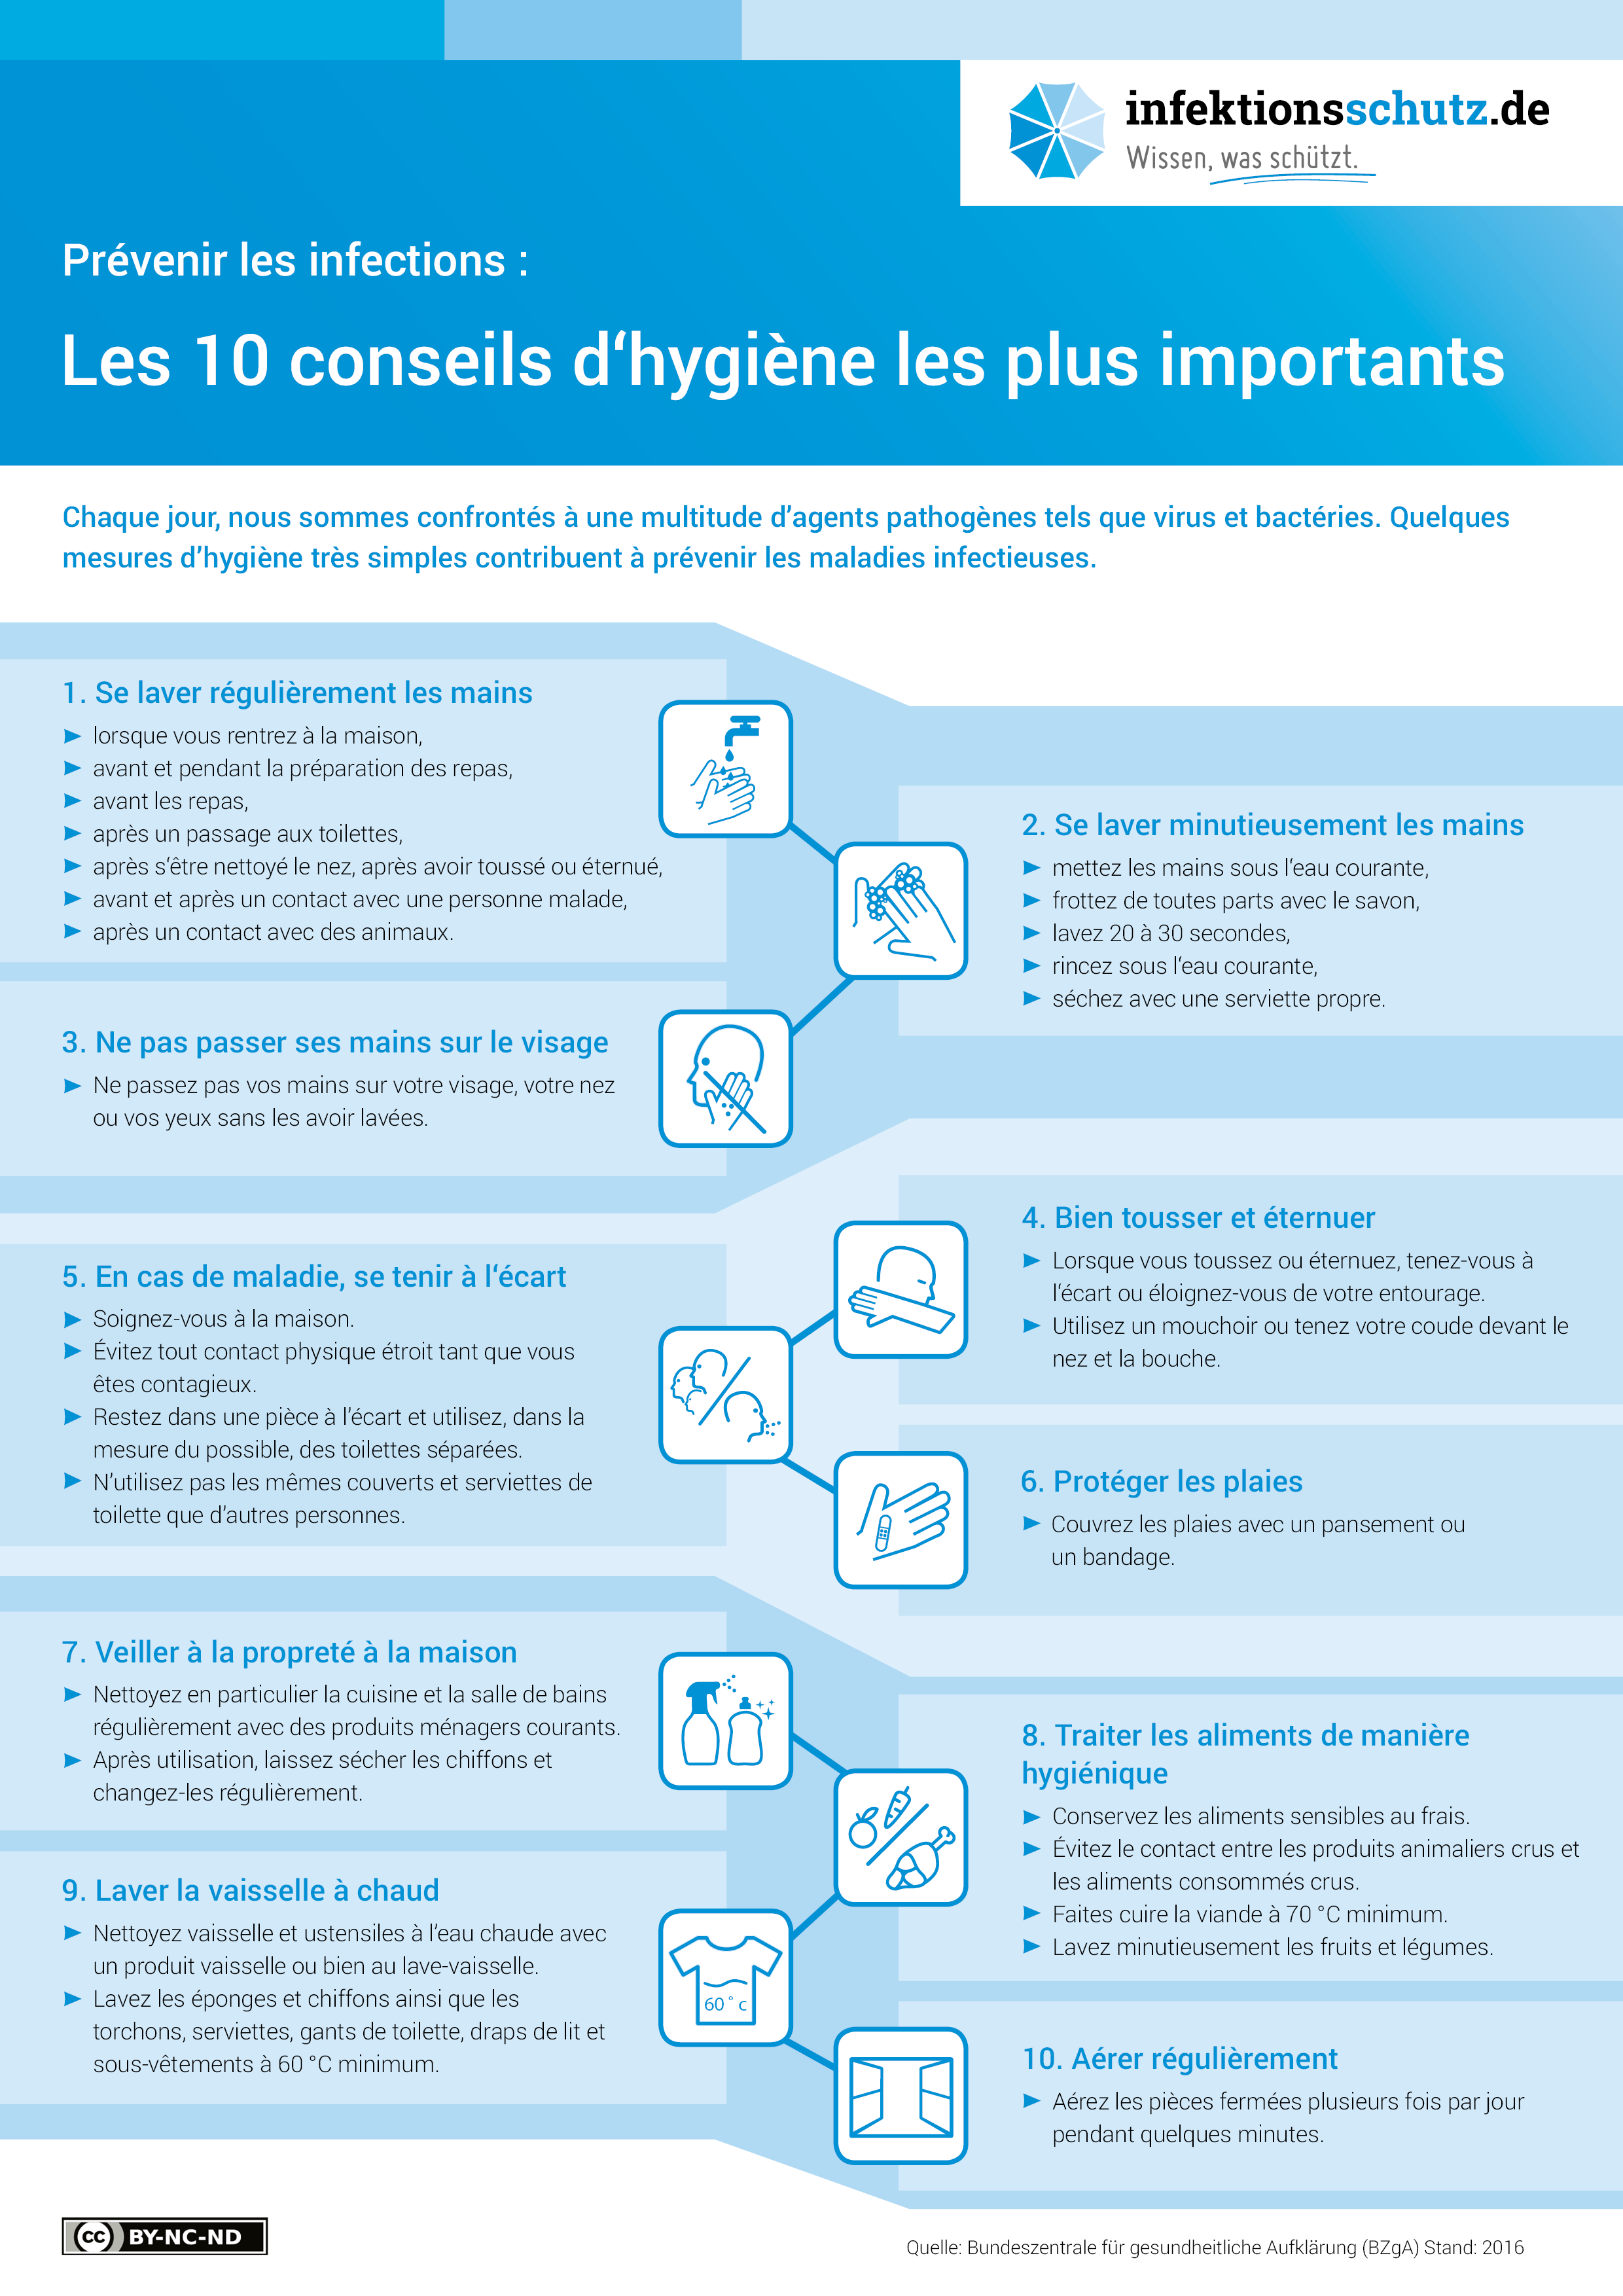 A4_Plakat_10_Hygienetipps_FR_300dpi_1.png